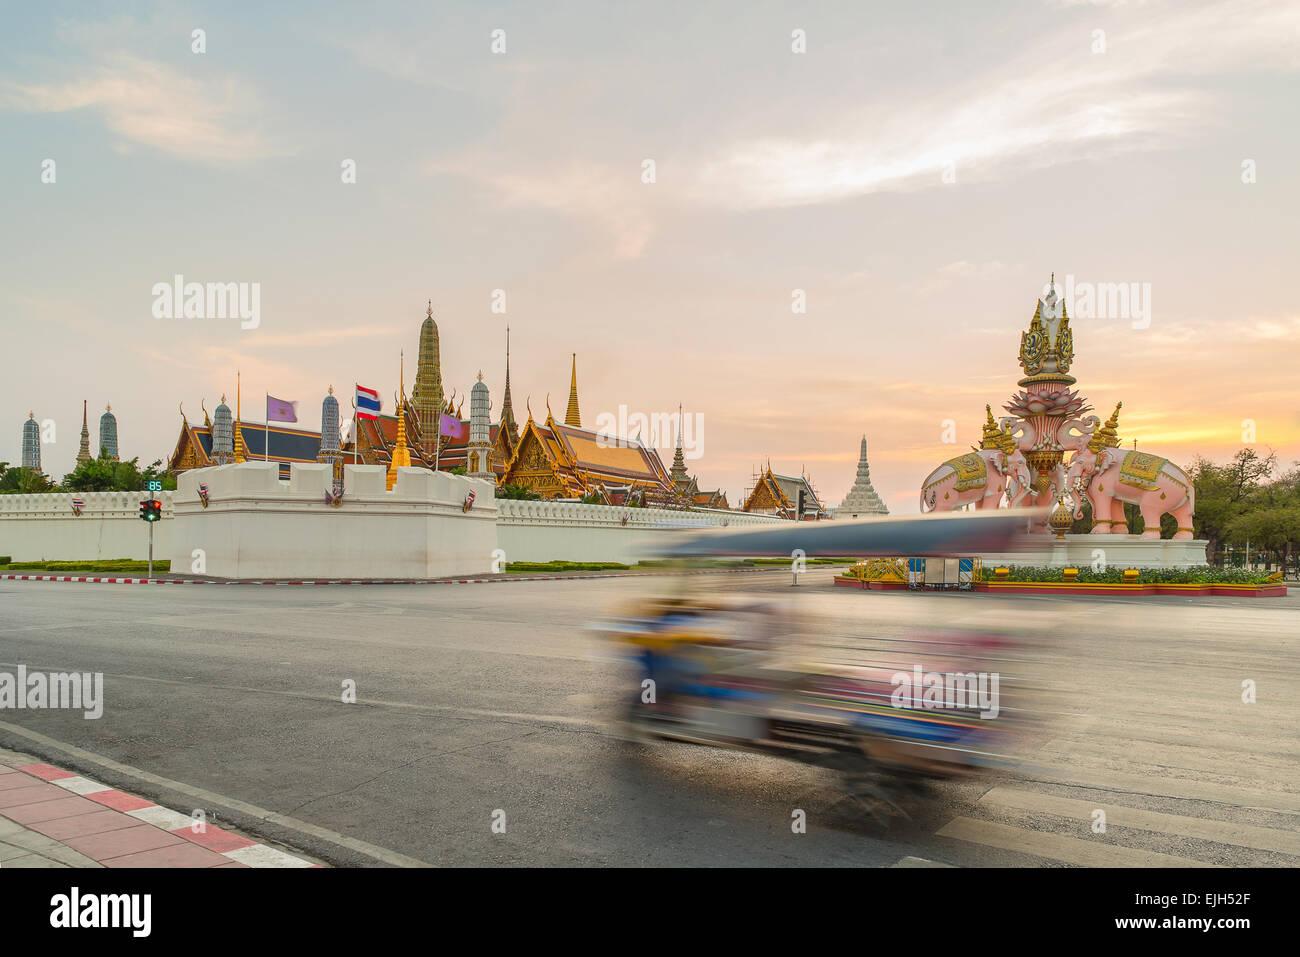 Un tuk tuk per le autovetture. Per visitare la città di Bangkok. Immagini Stock